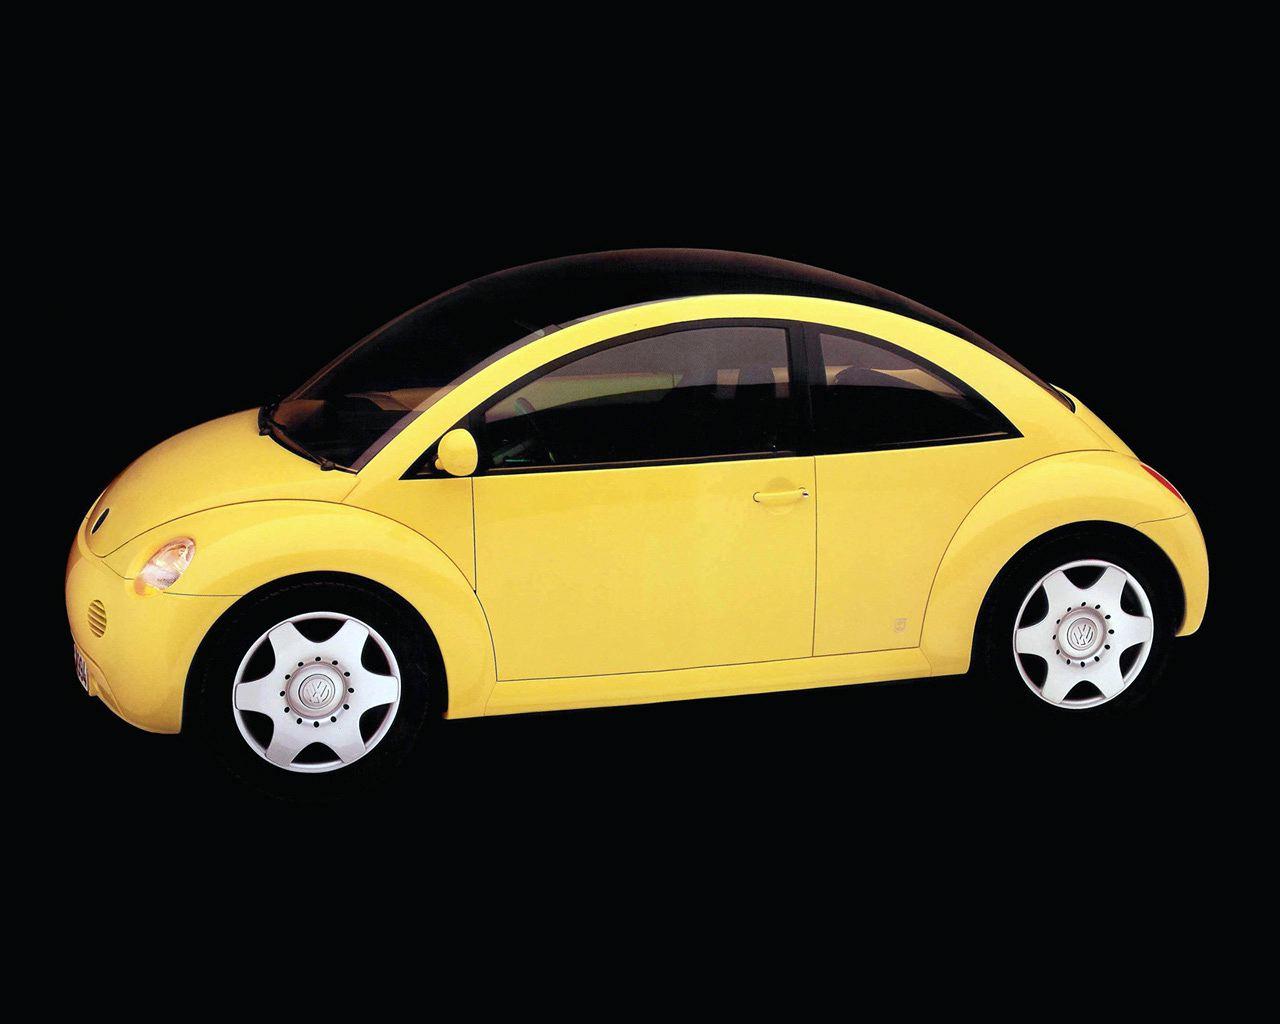 1994 Volkswagen Concept 1 profile